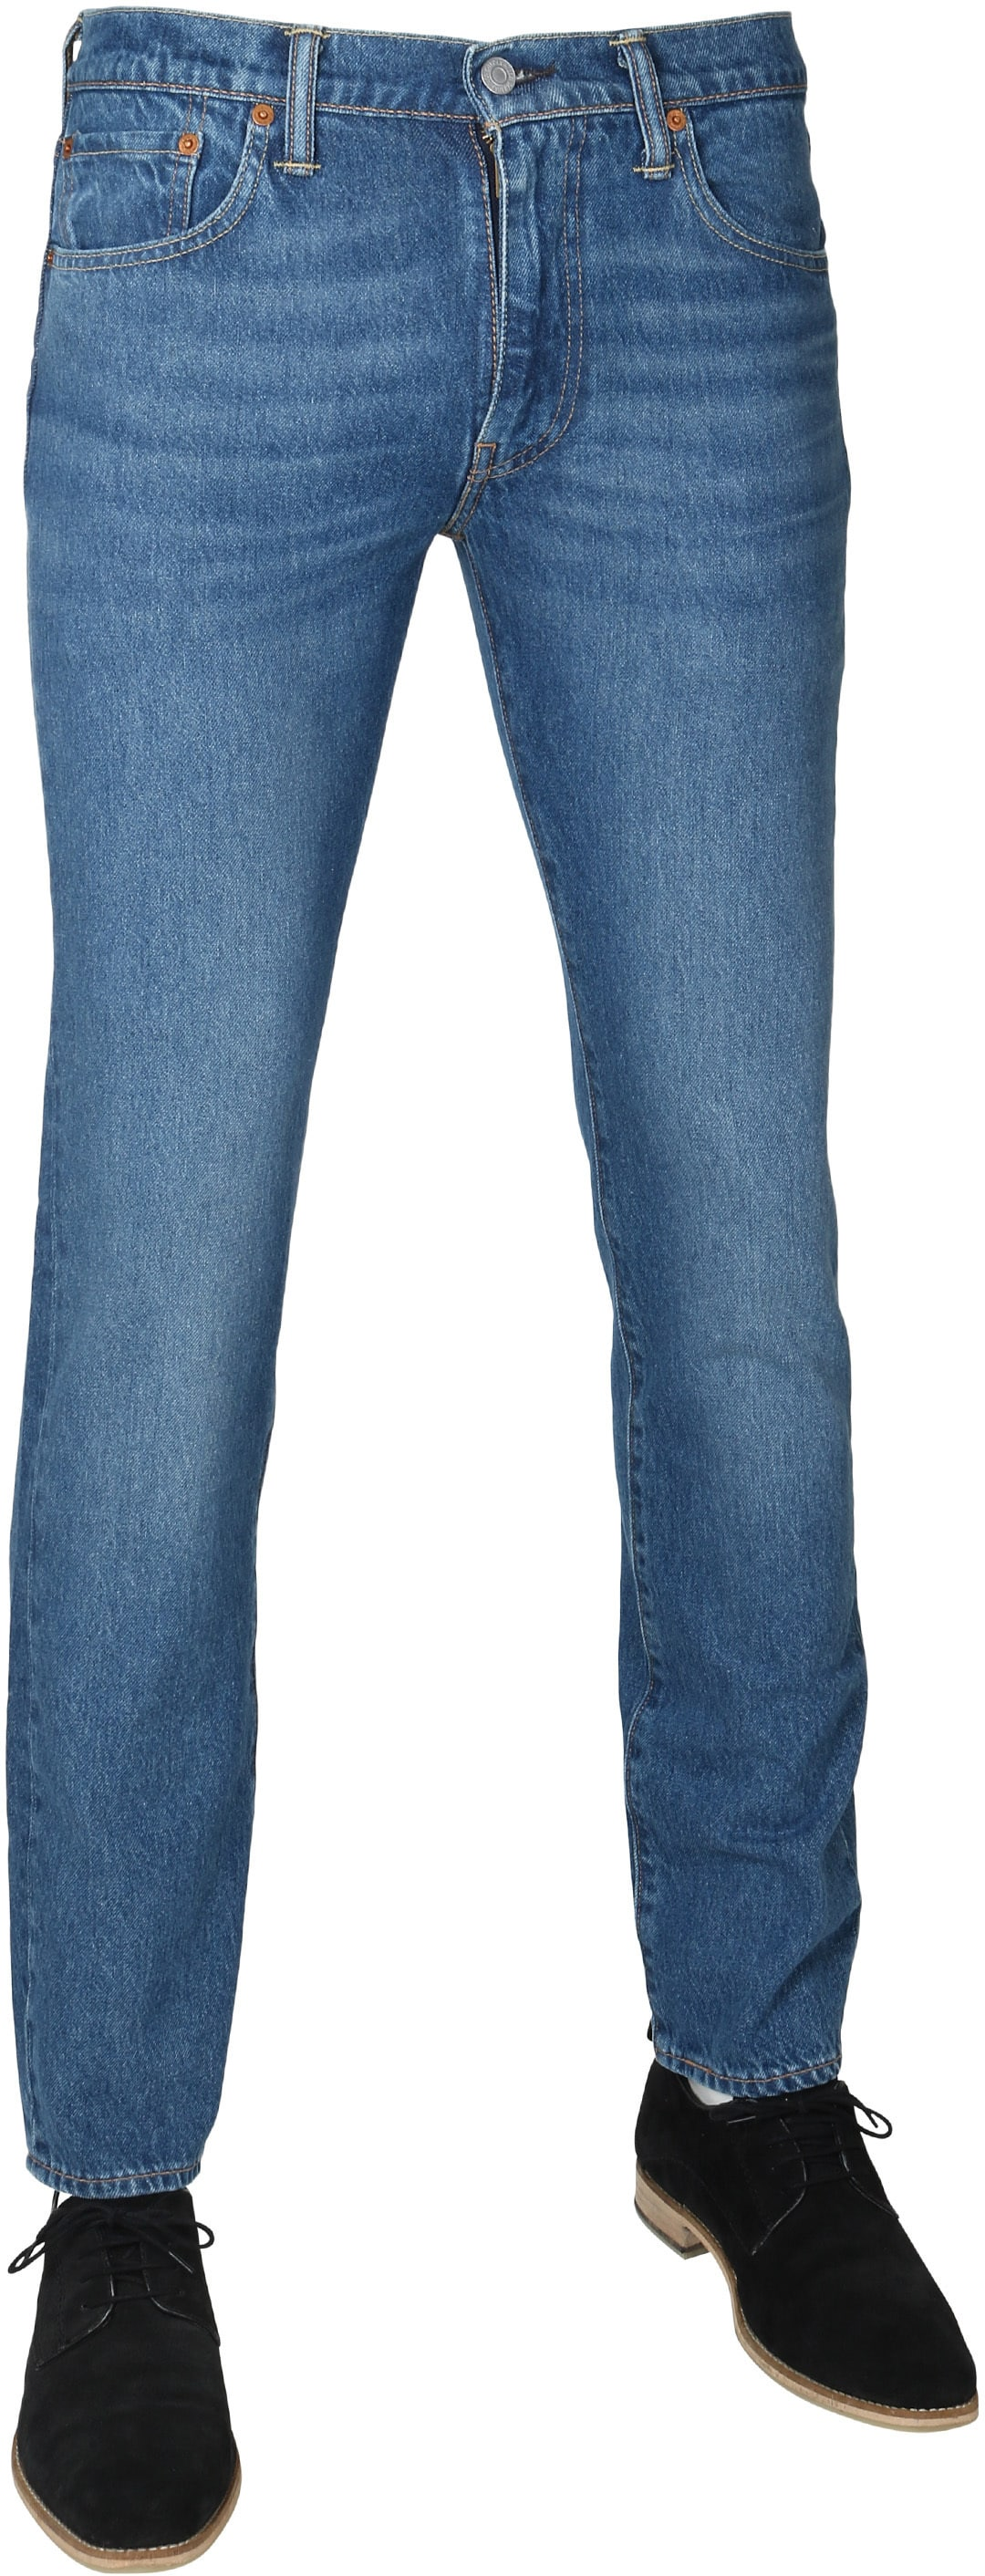 Levi's 511 Jeans Slim Fit Blauw foto 0